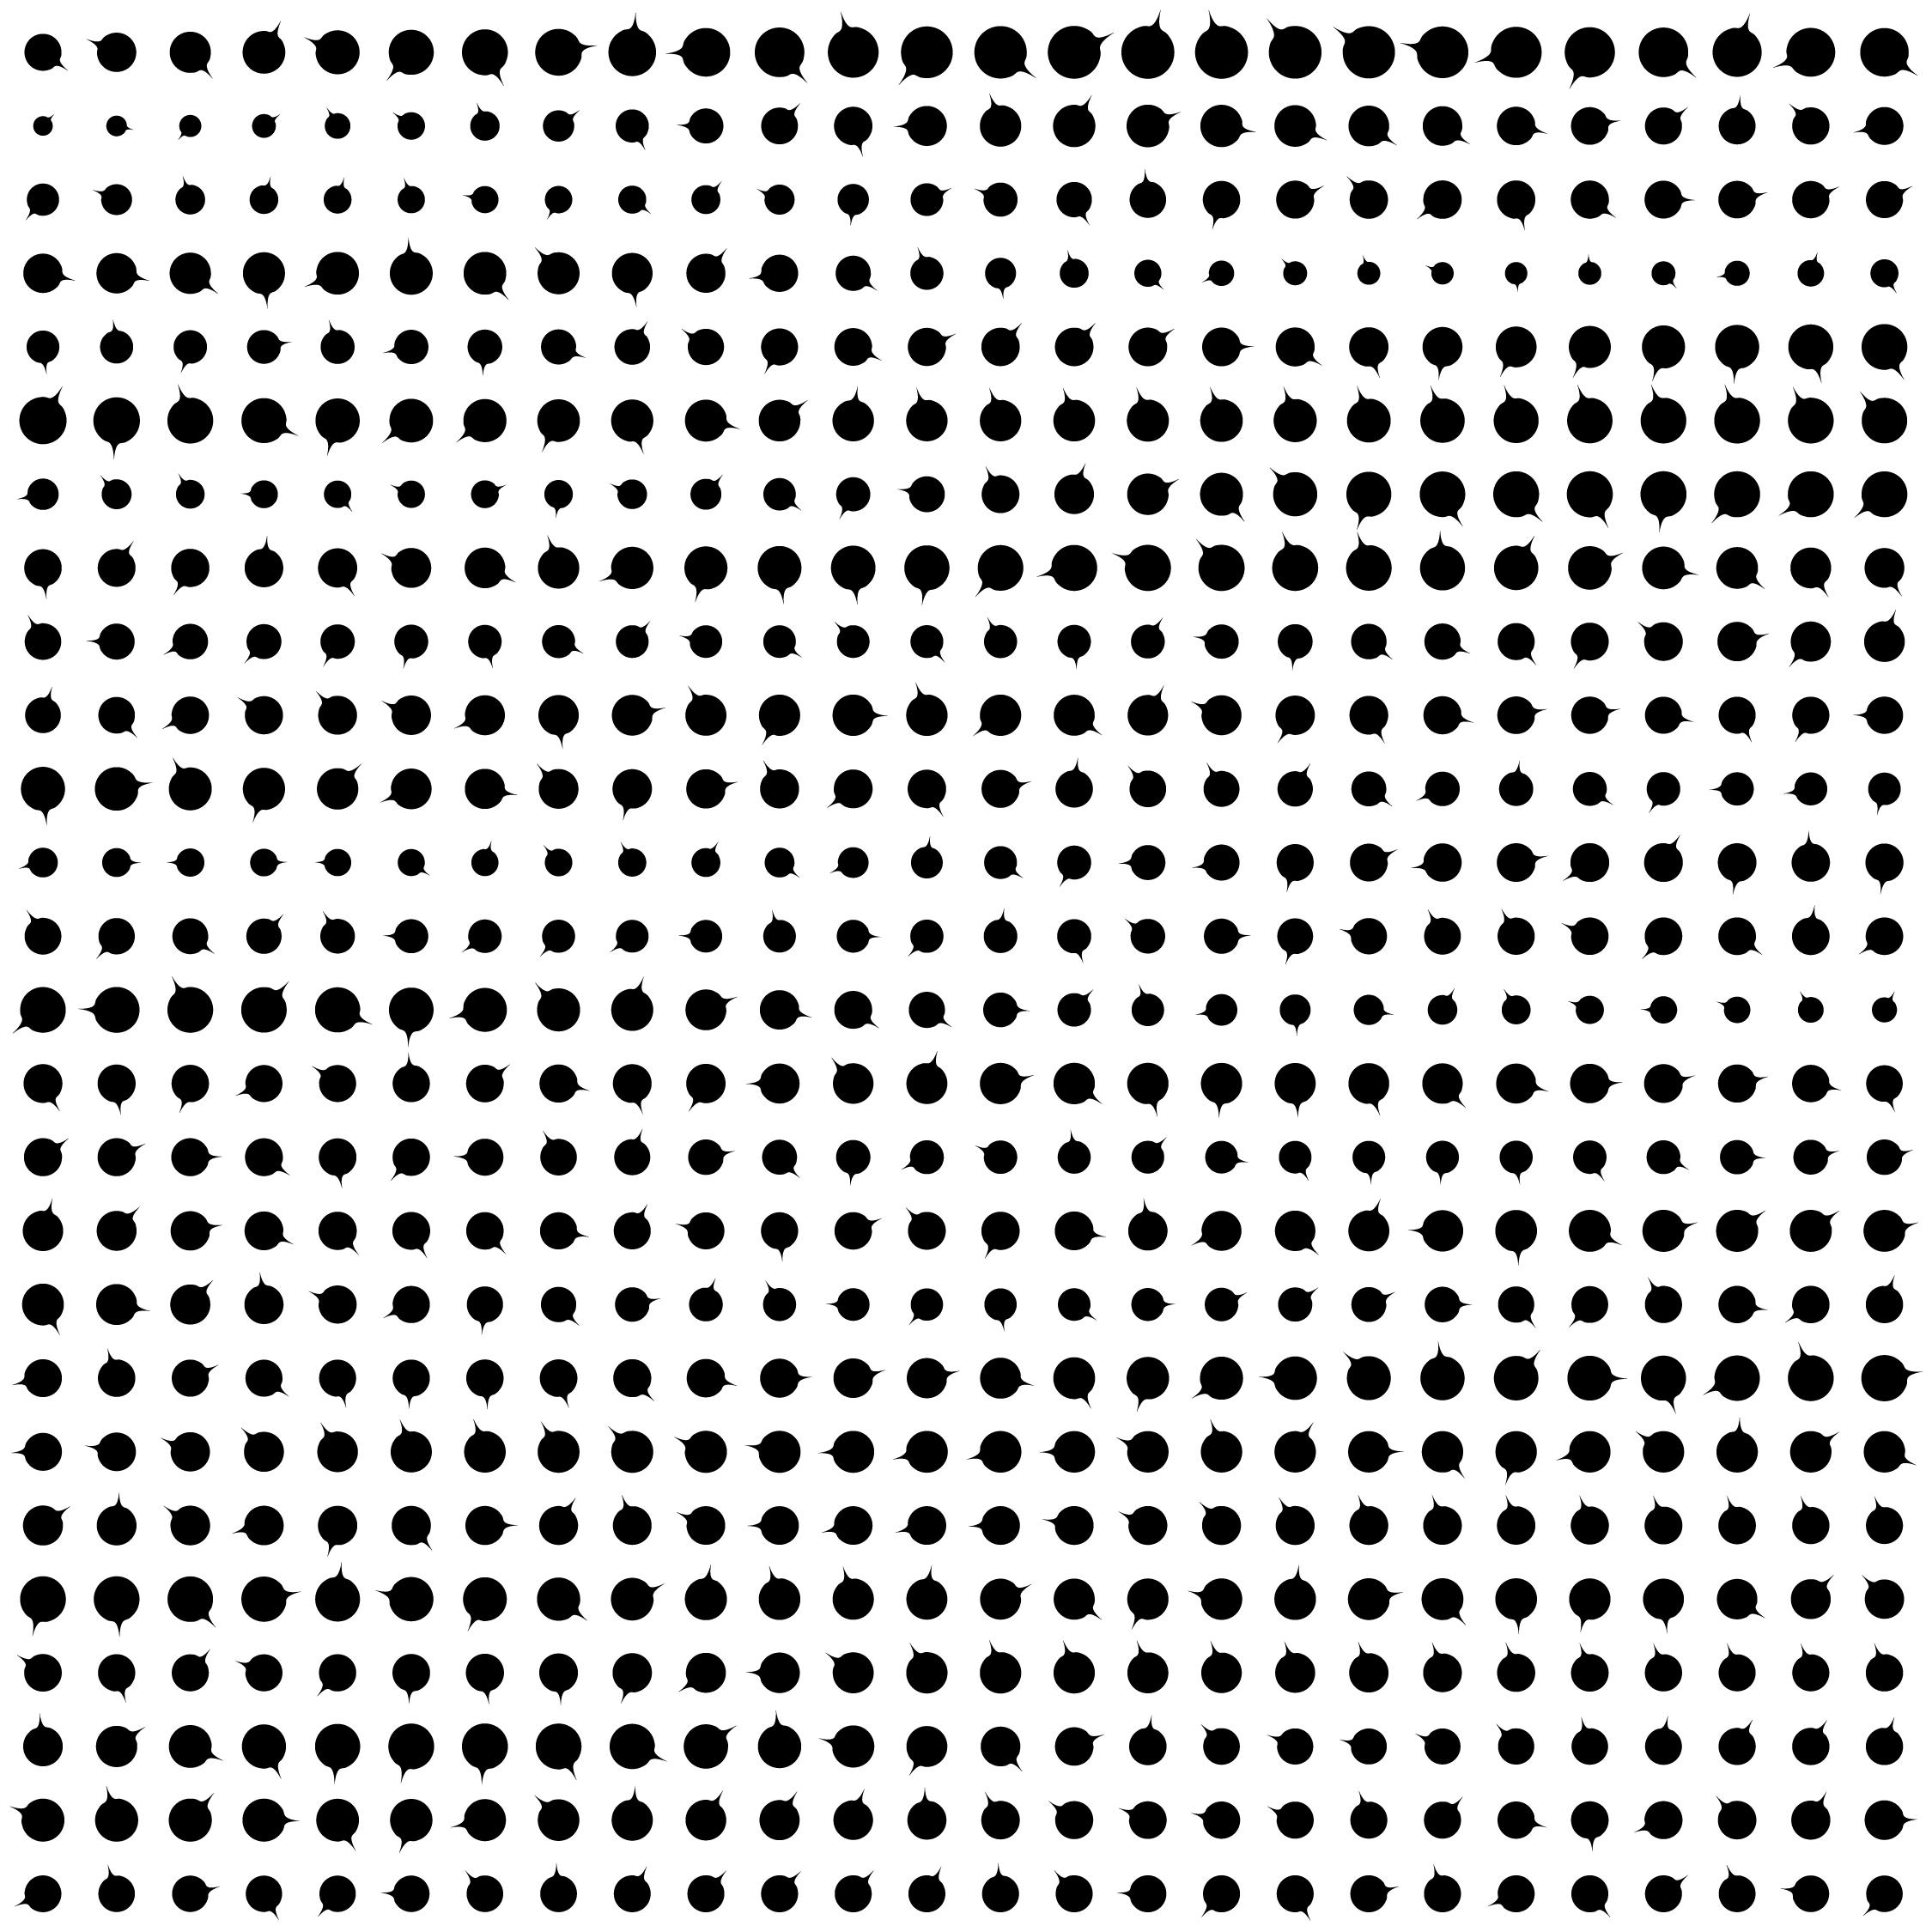 2015 11 22 data grid-05.jpg